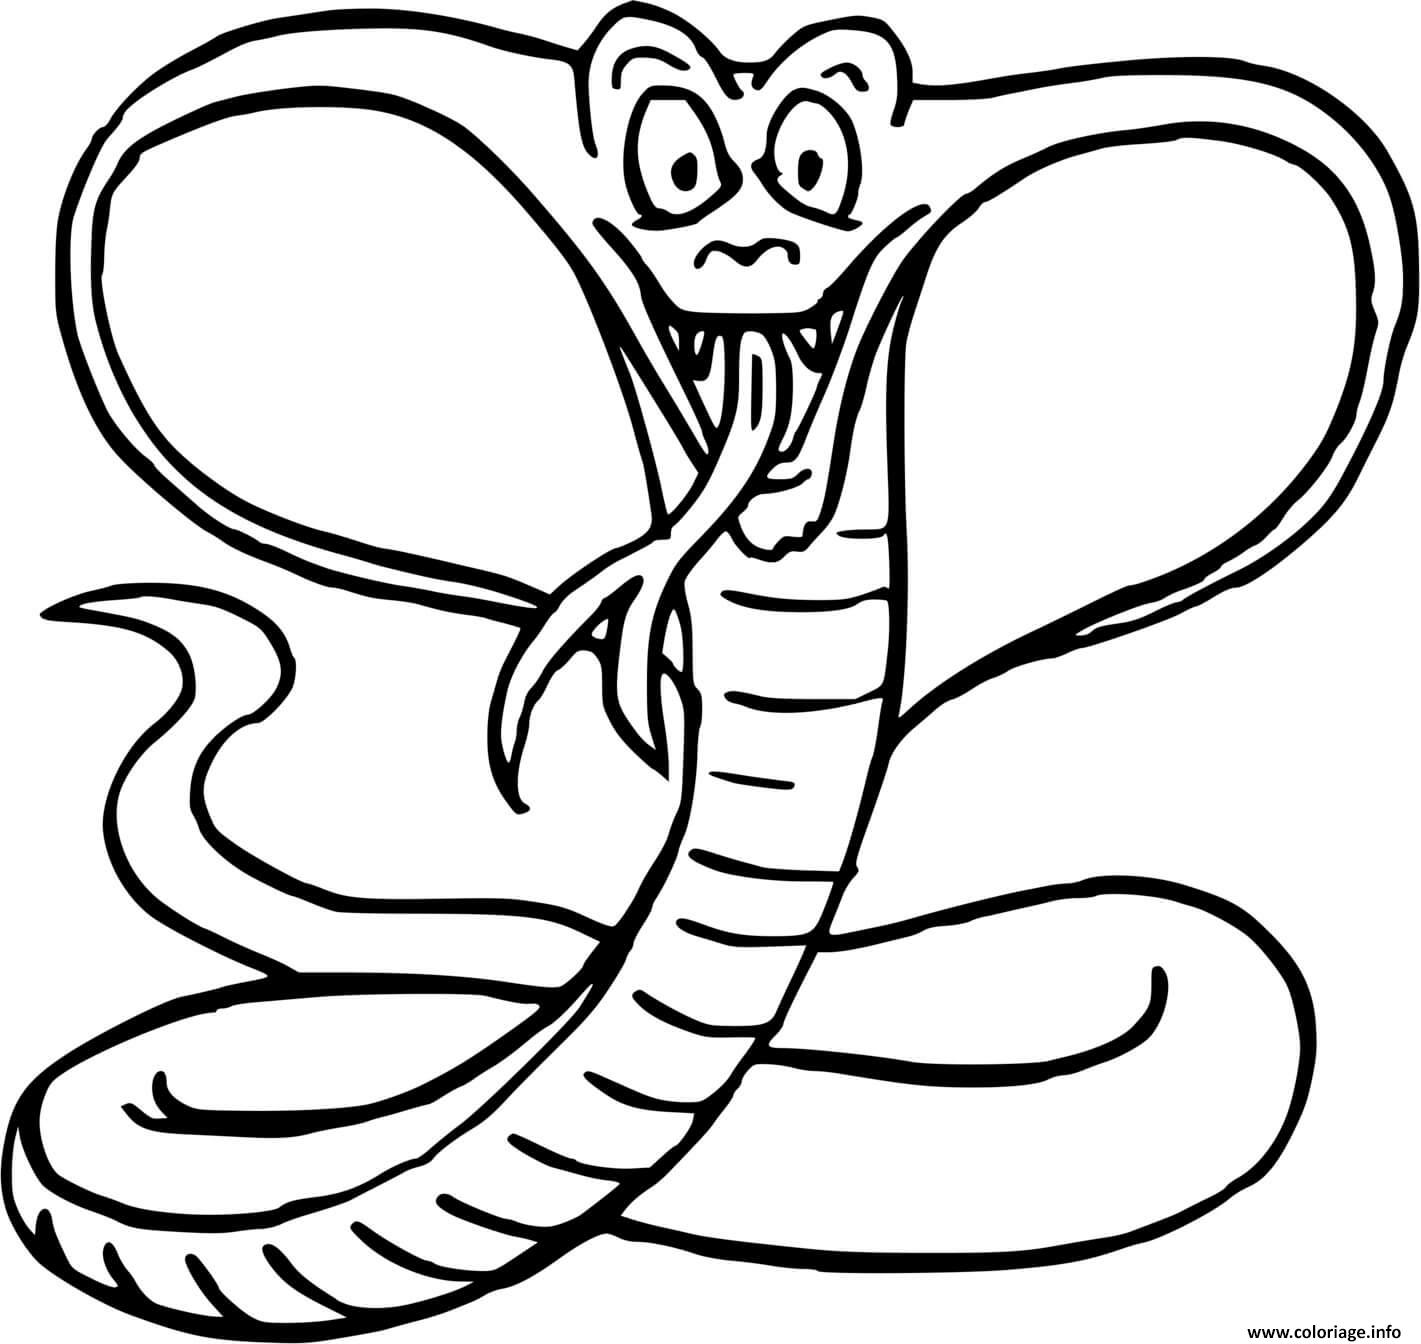 Dessin Cobra Coloriage Gratuit à Imprimer